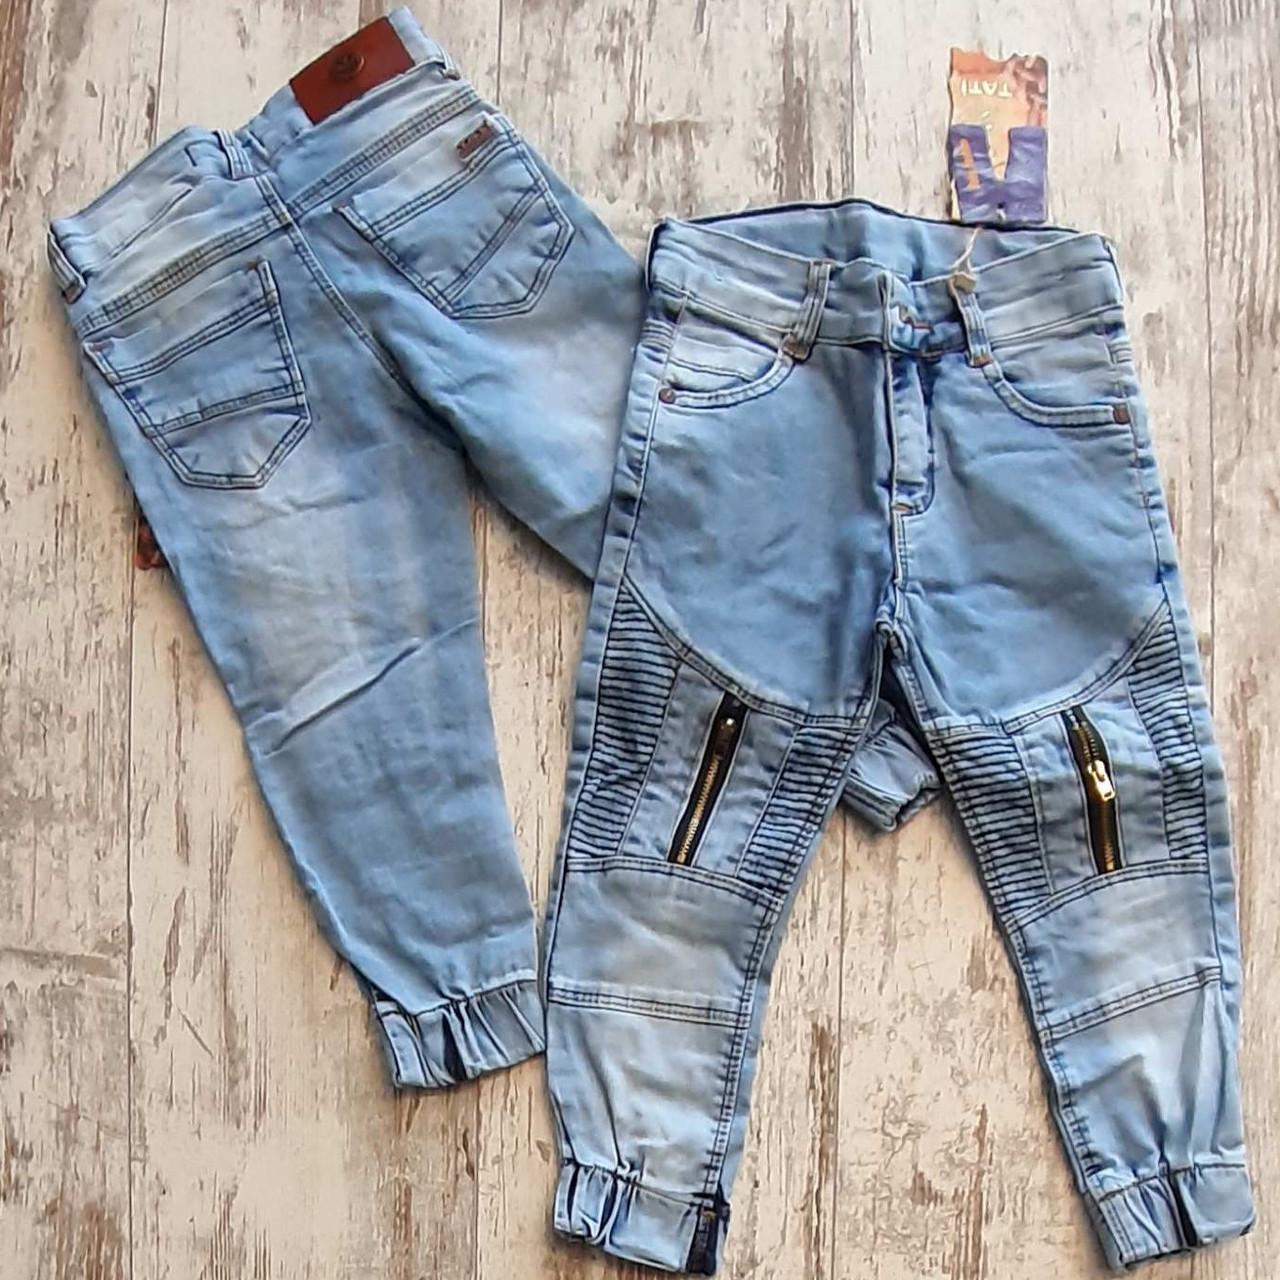 Джинсы модные детские #3498. 5-6-7-8 лет. Оптом